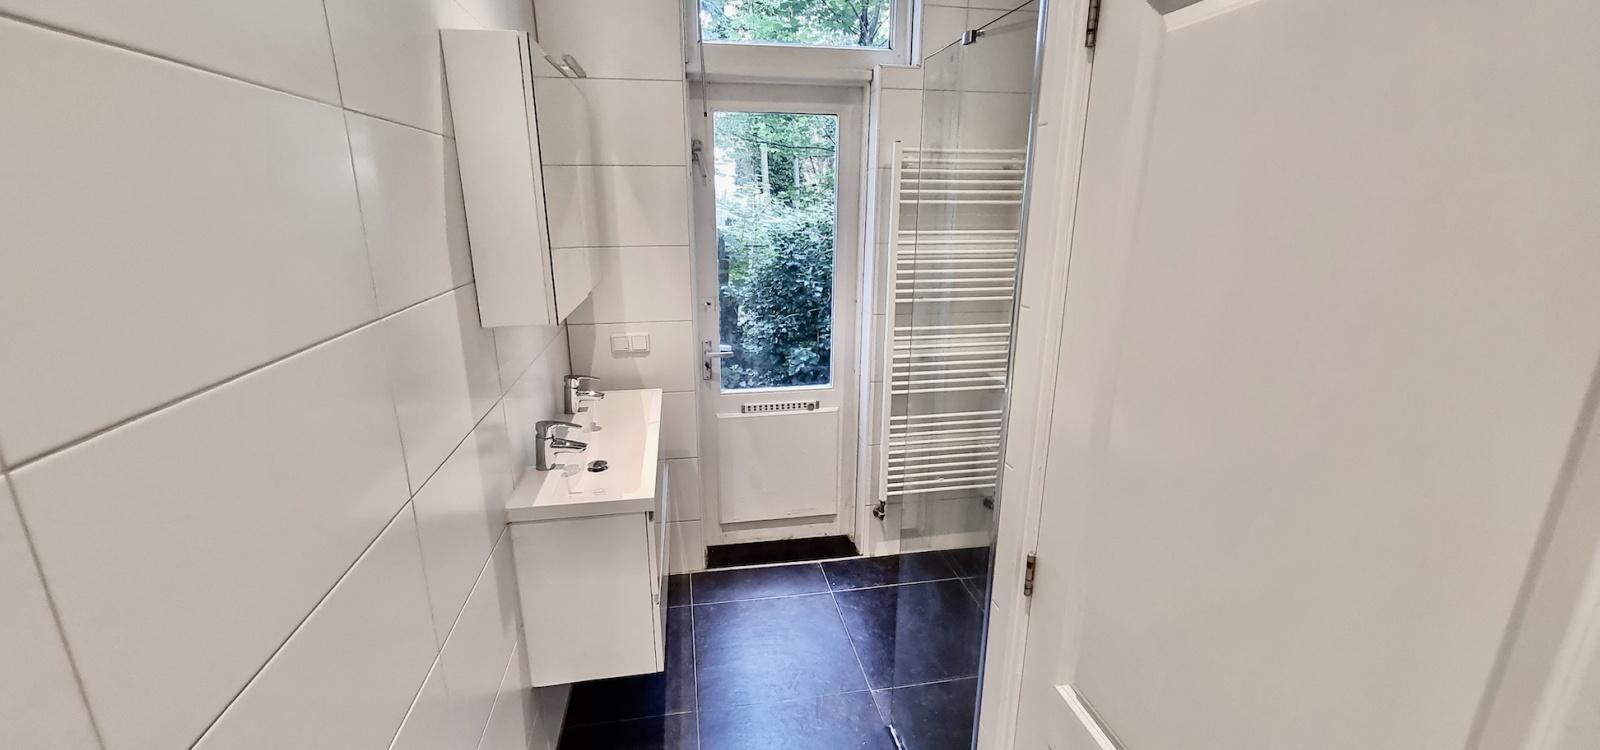 Nicolaas Beetsstraat,Netherlands 1053RM,1 Bedroom Bedrooms,1 BathroomBathrooms,Apartment,Nicolaas Beetsstraat,1454